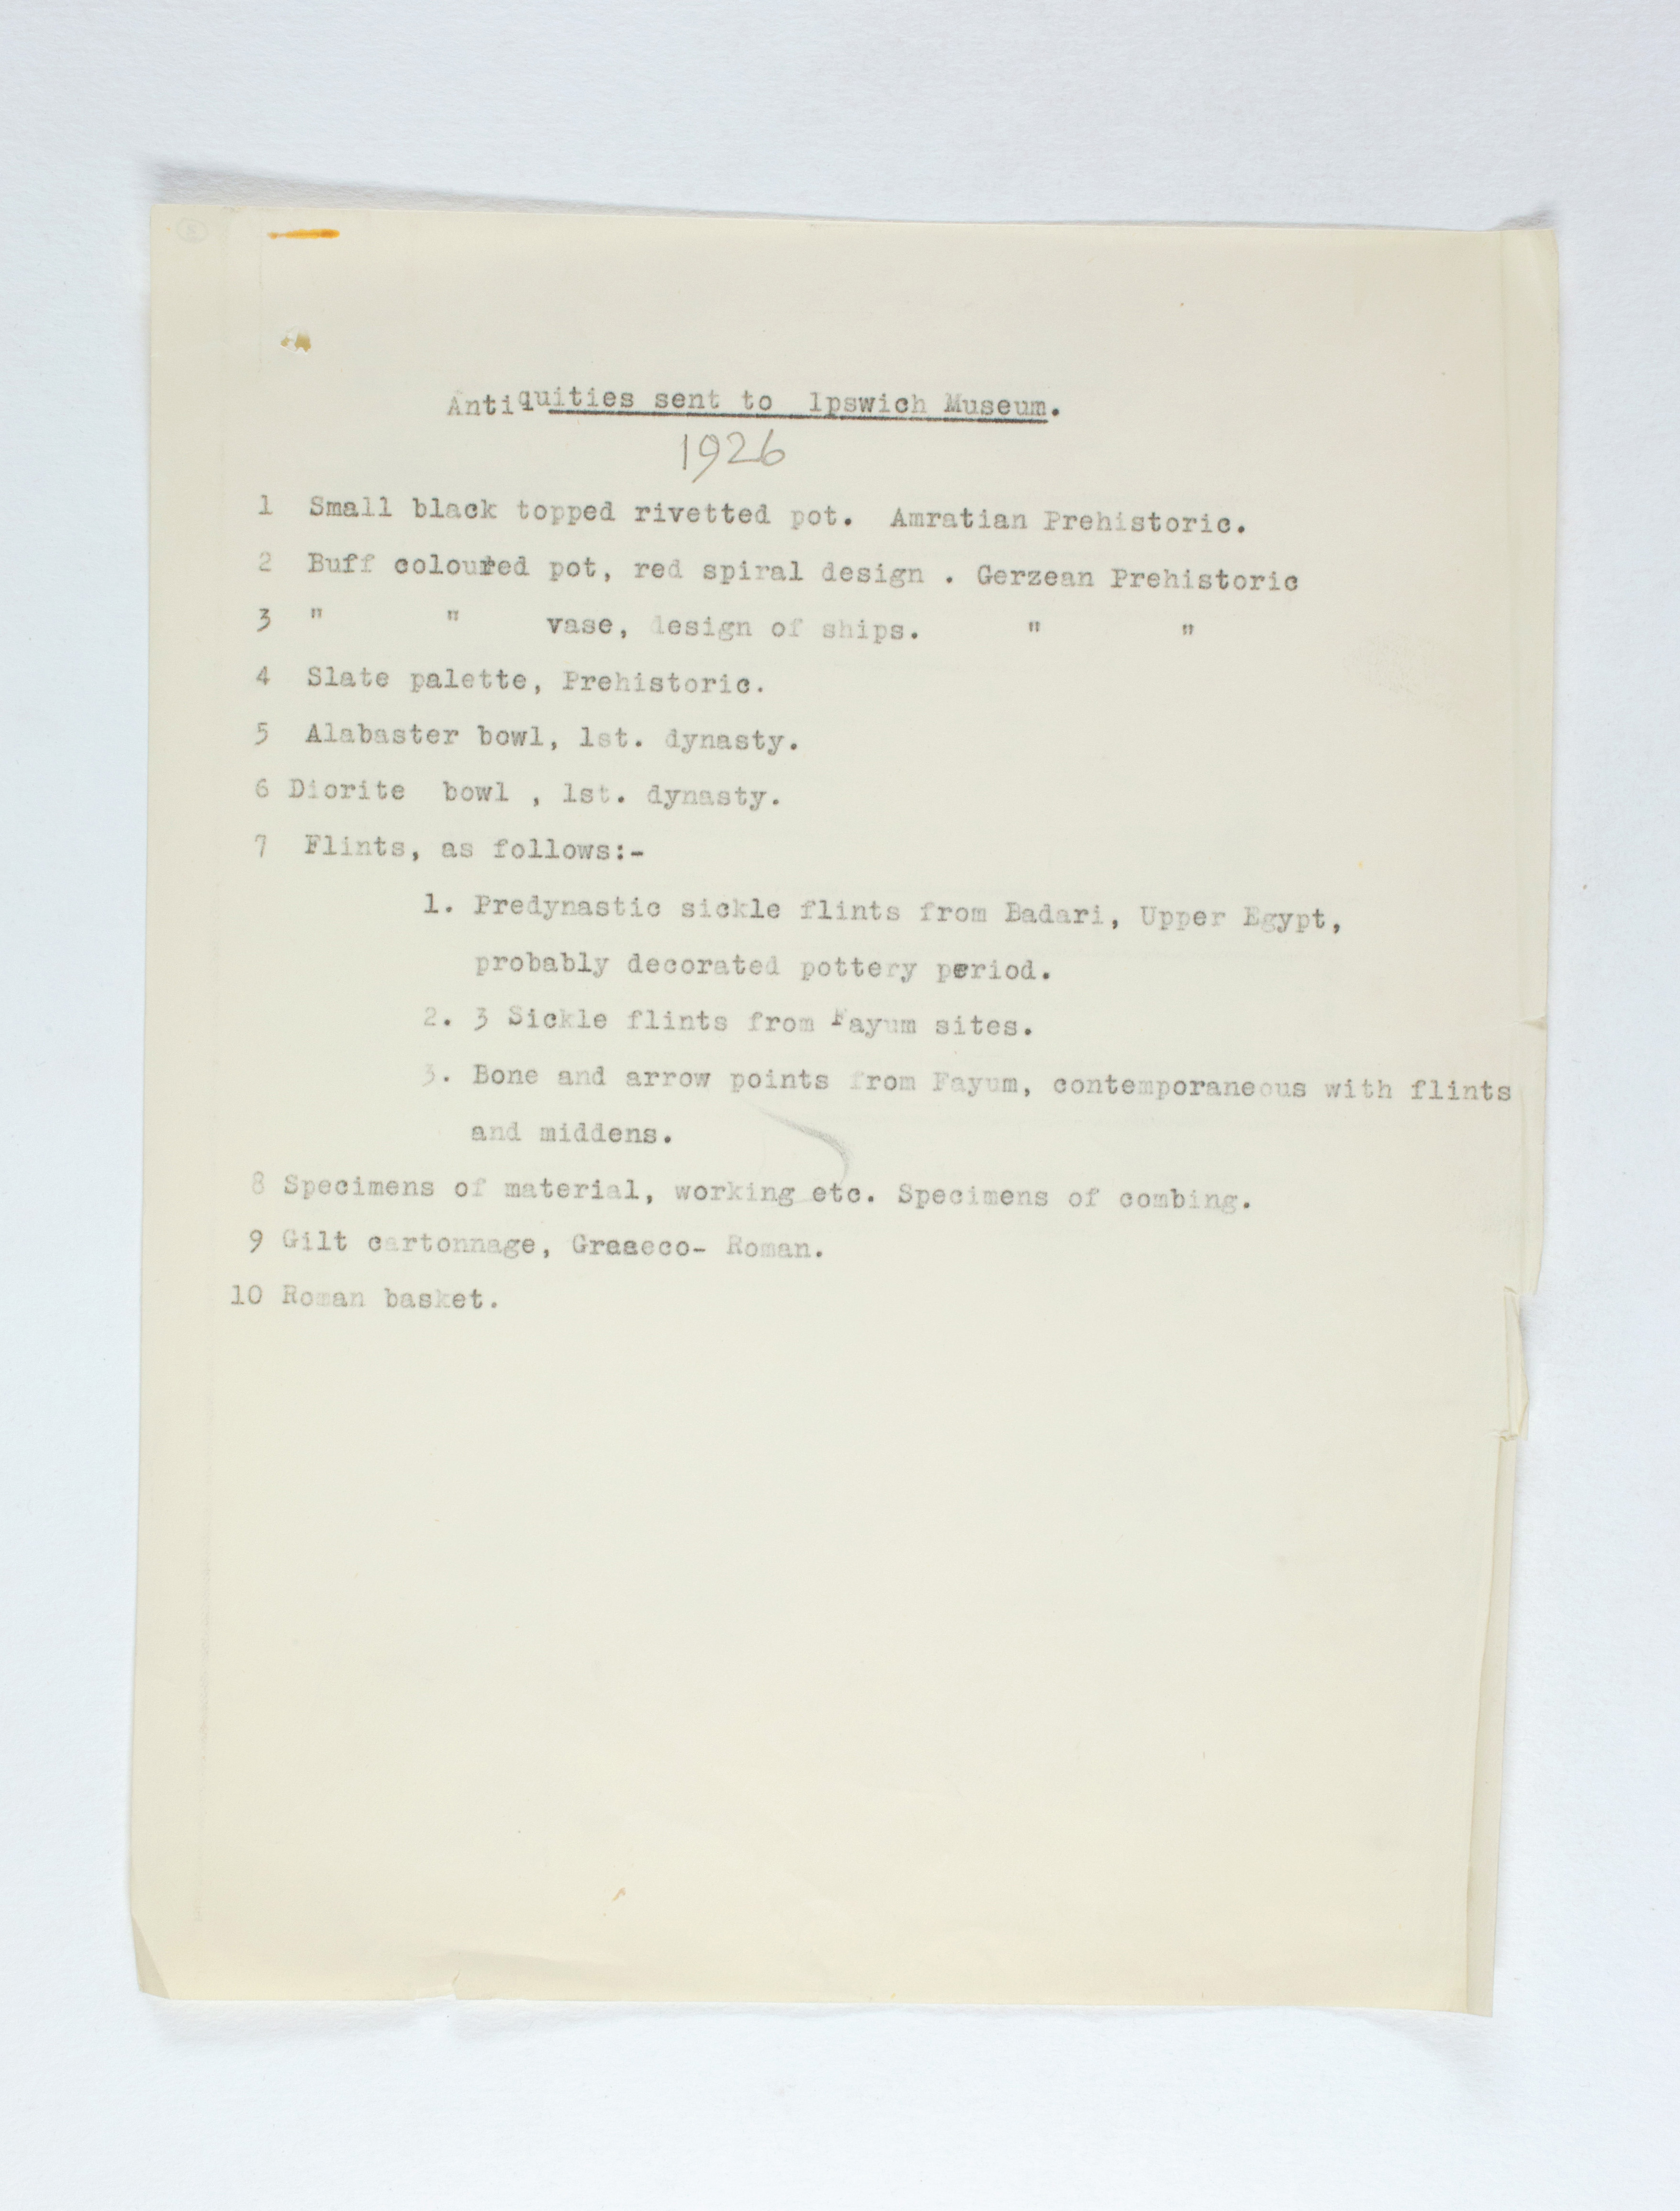 1925-26 Badari, Faiyum Individual institution list PMA/WFP1/D/29/3